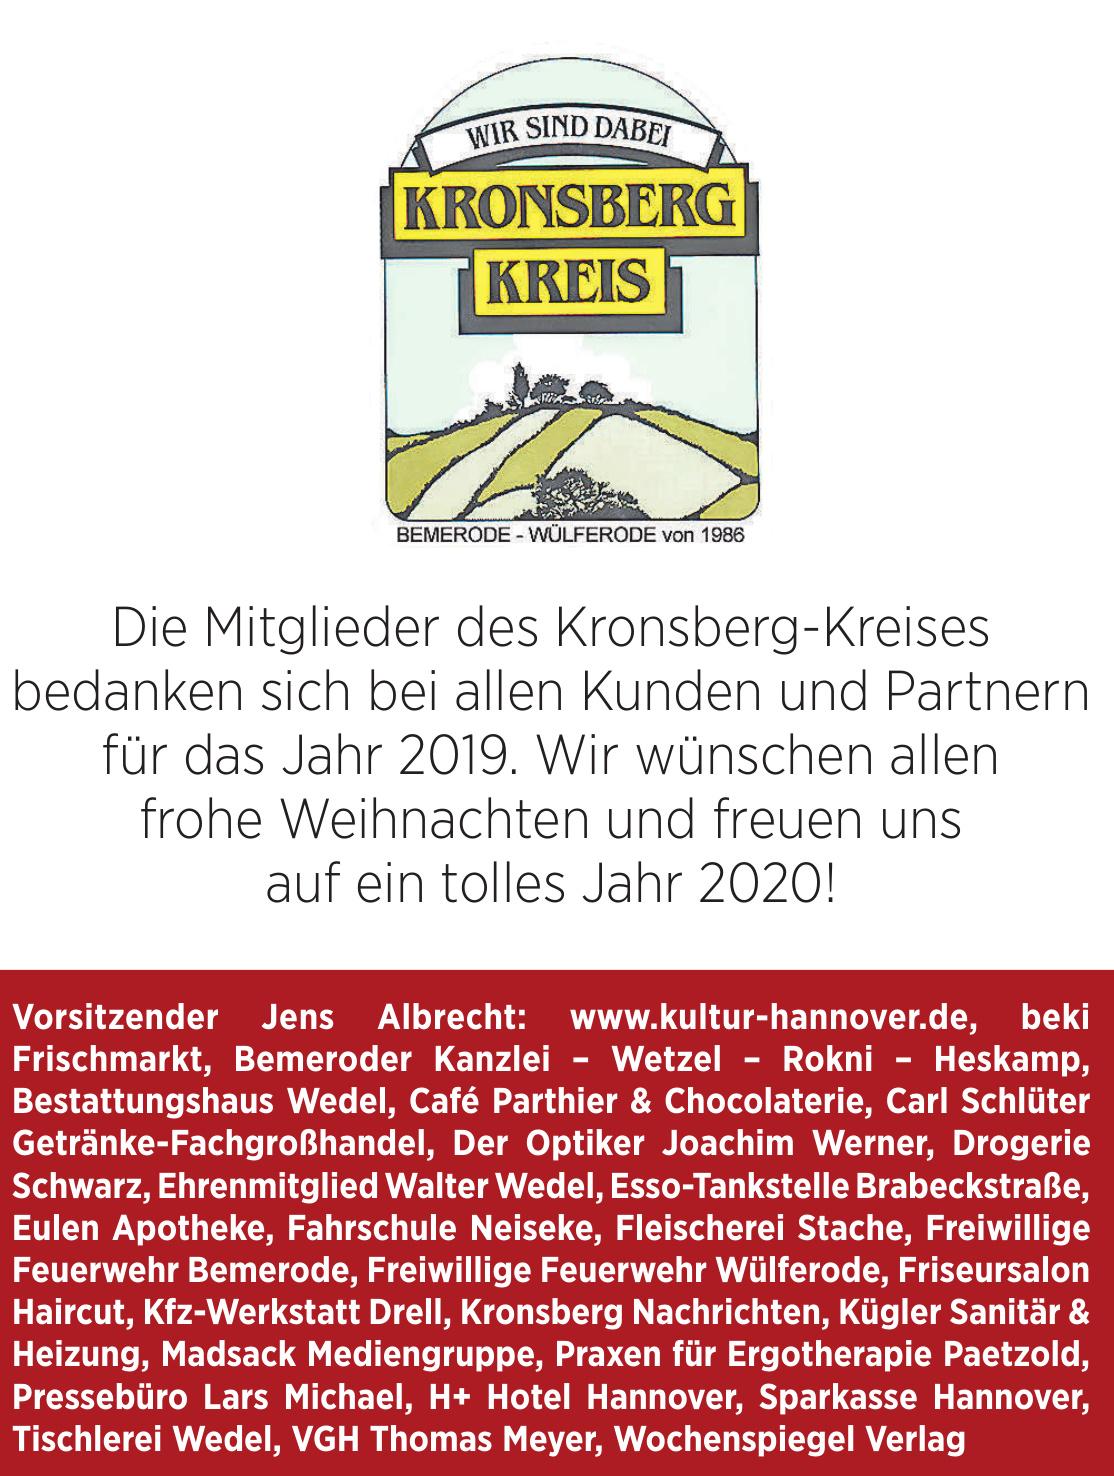 Kronsberg Kreis